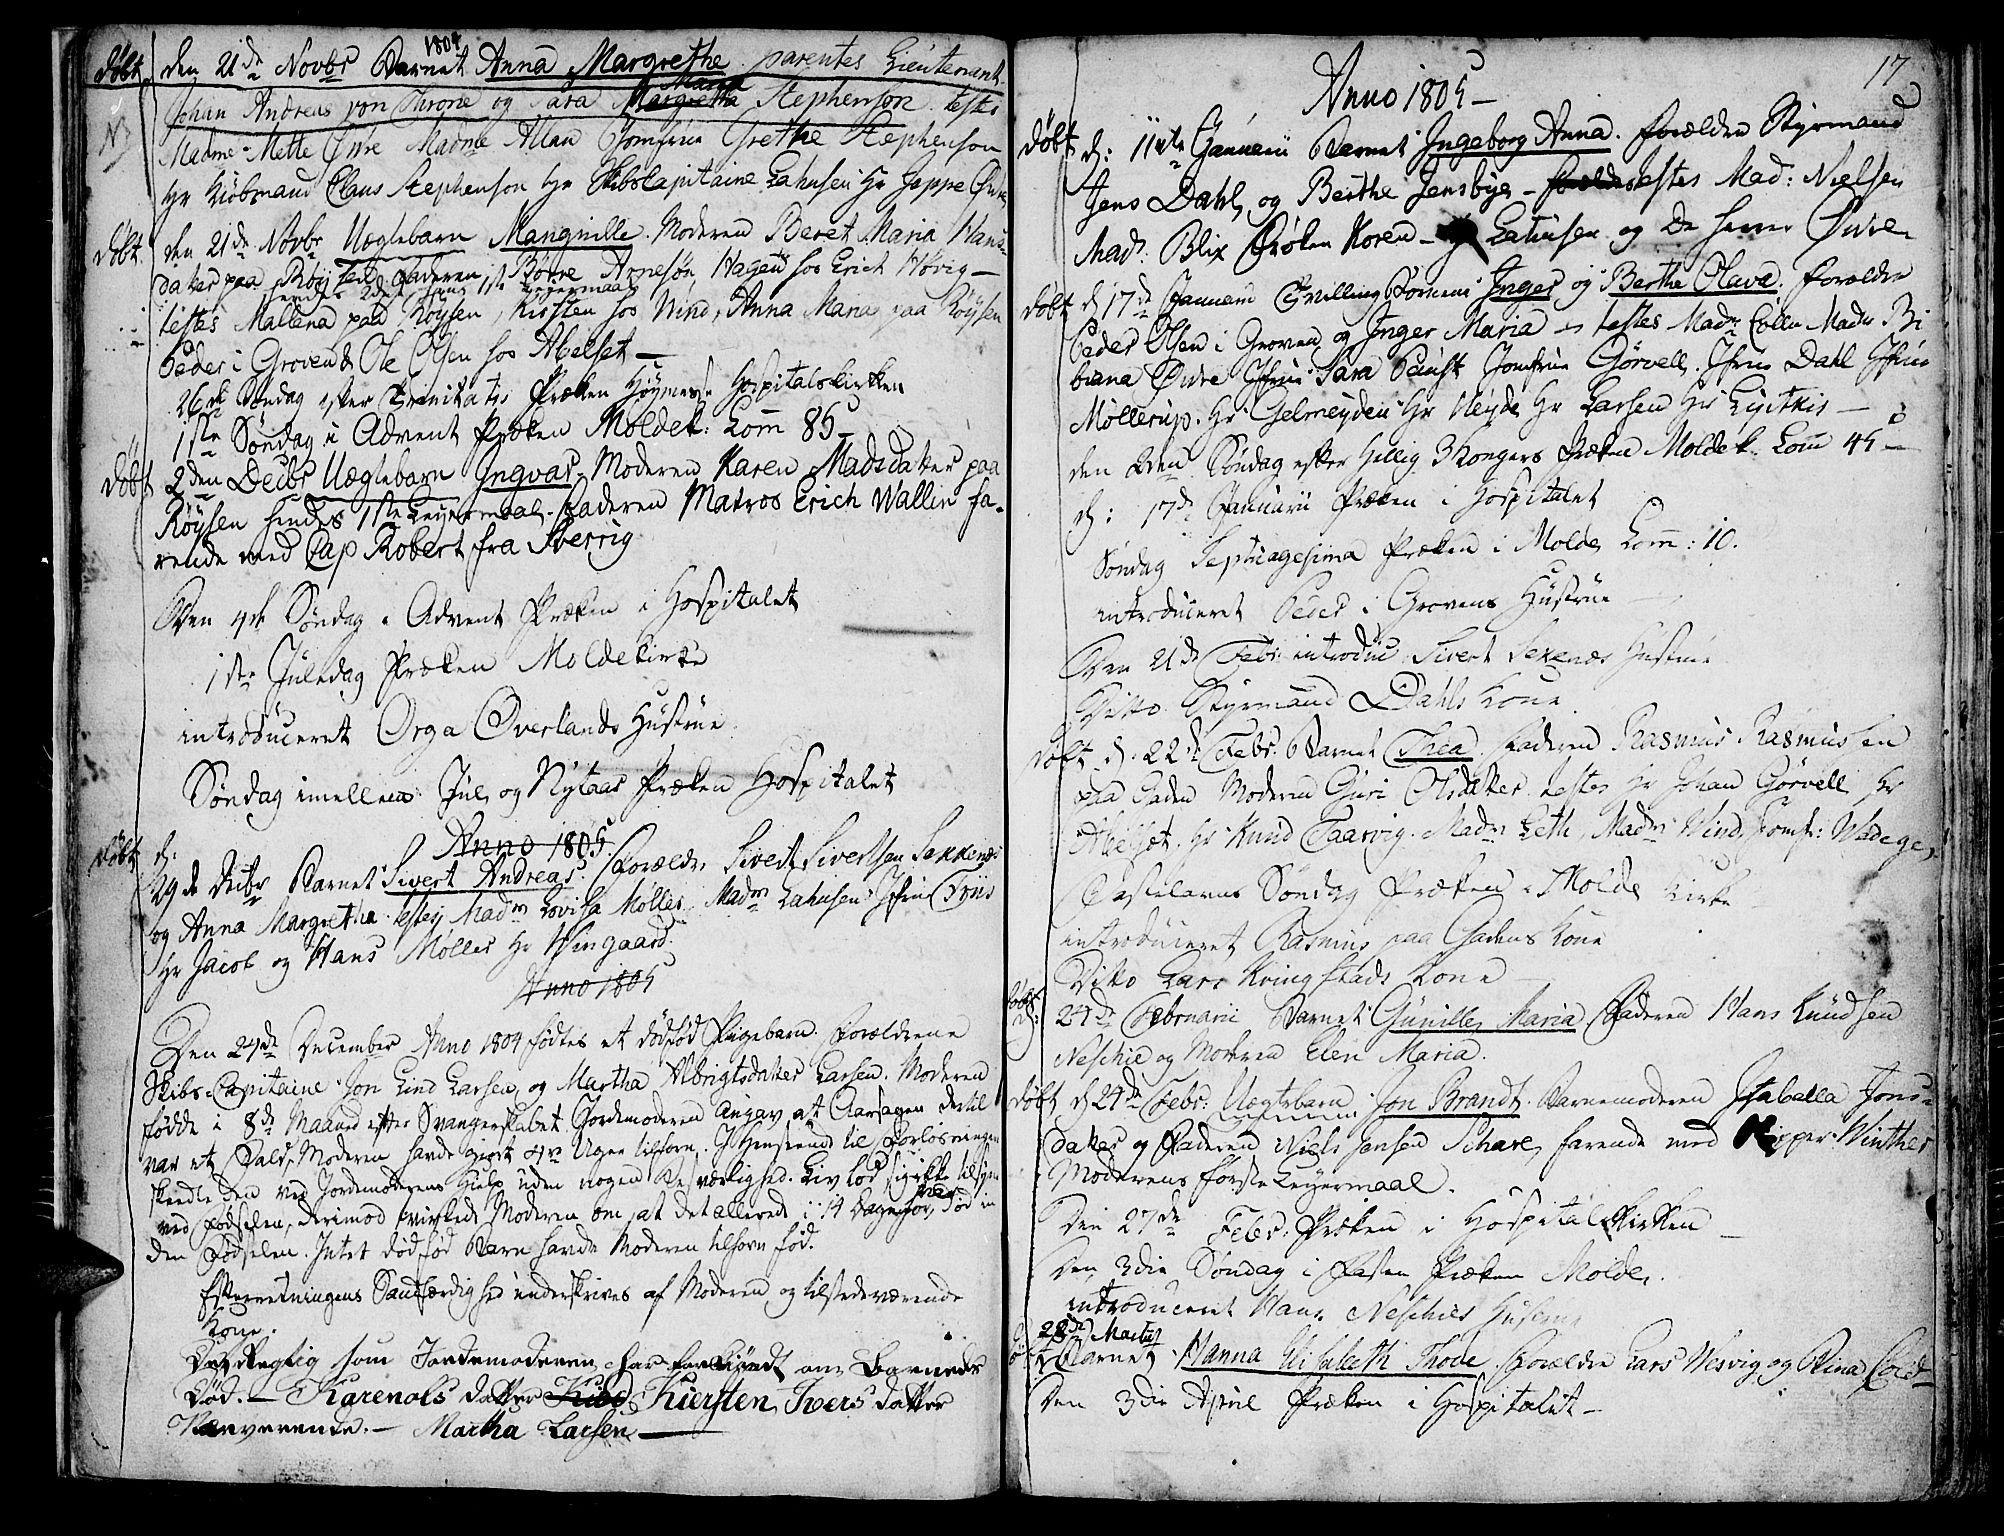 SAT, Ministerialprotokoller, klokkerbøker og fødselsregistre - Møre og Romsdal, 558/L0687: Parish register (official) no. 558A01, 1798-1818, p. 17